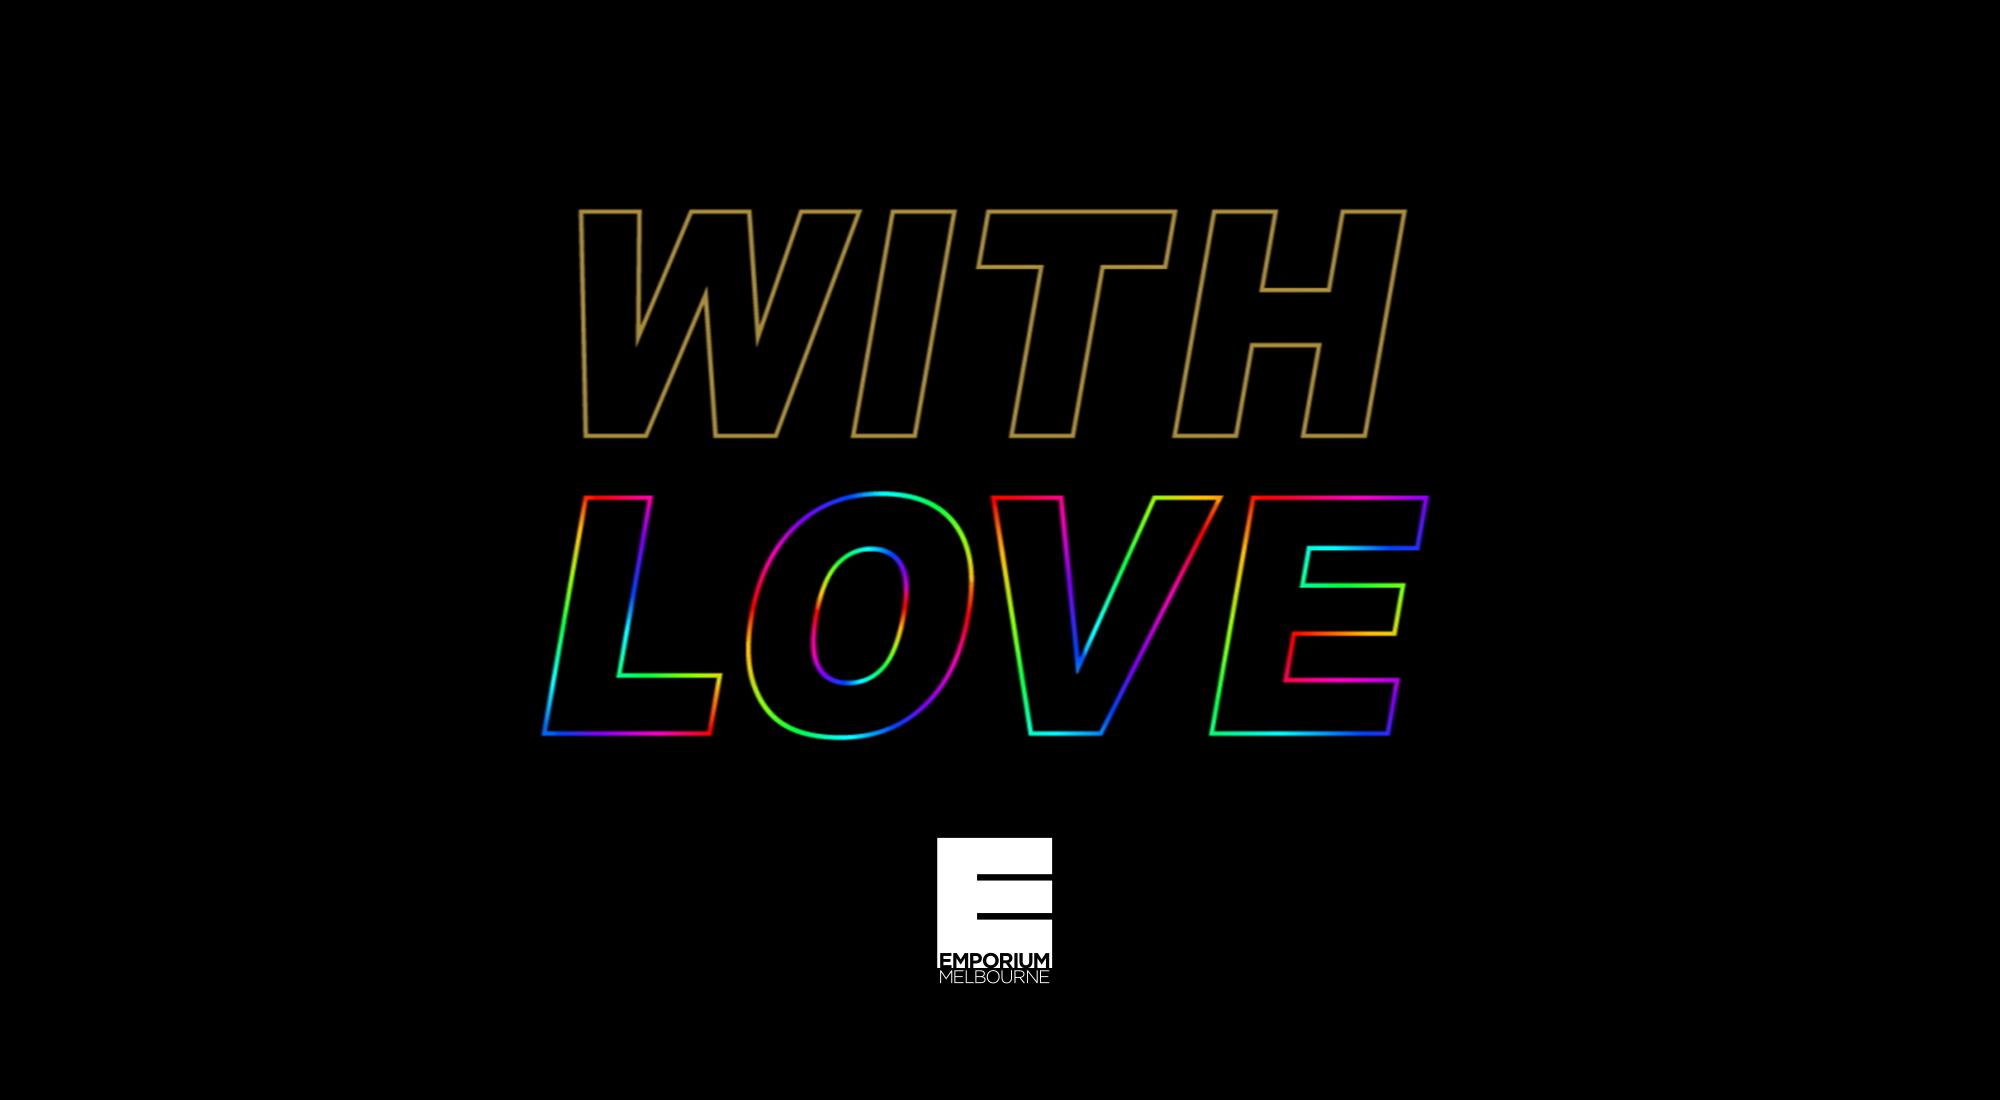 With Love Emporium Melbourne